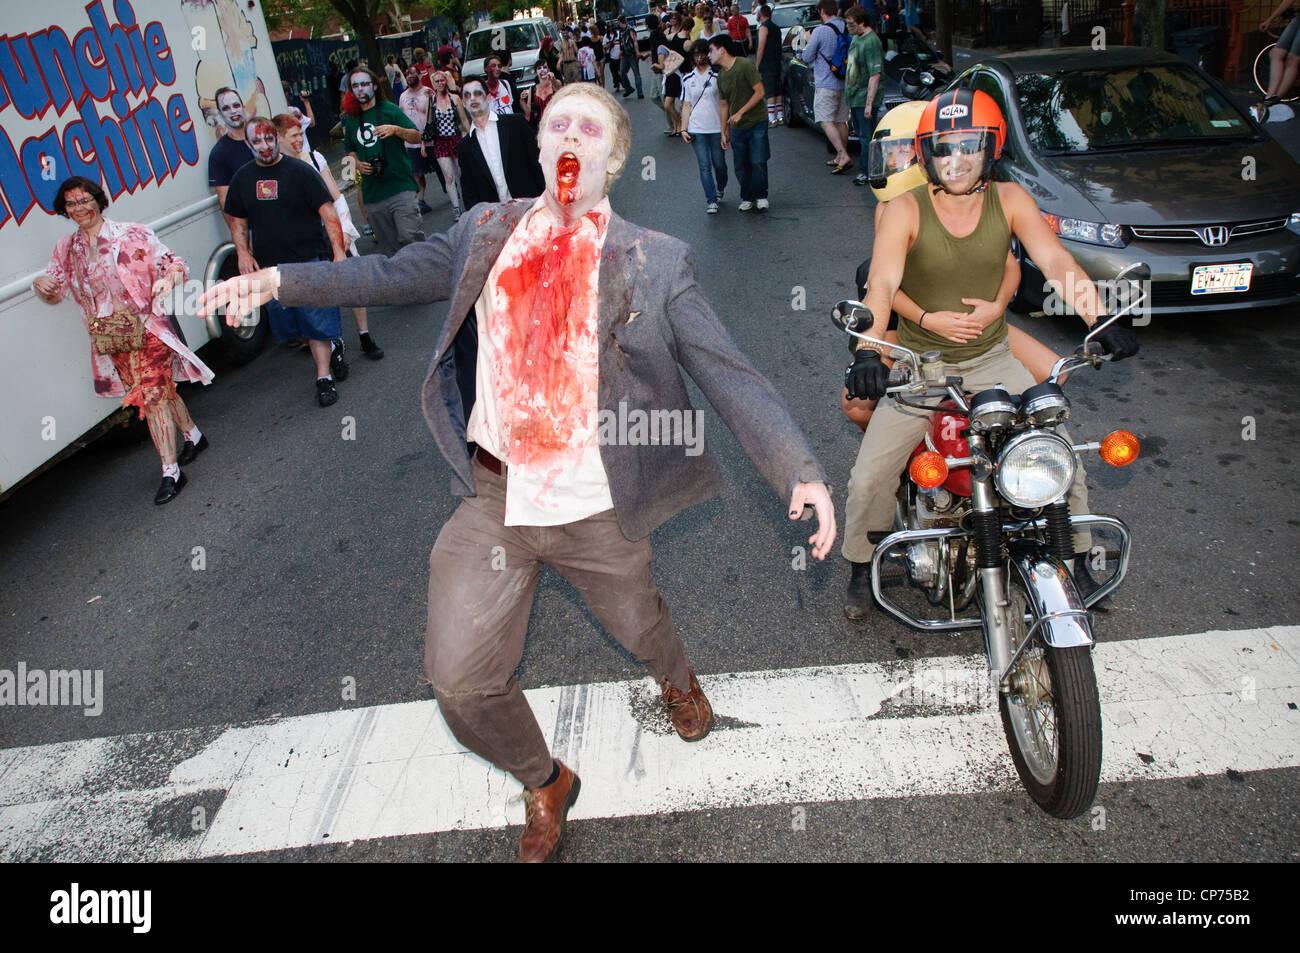 A zombie at the NYC Zombie Crawl, May 30, 2010. New York City, NY, USA. Stock Photo